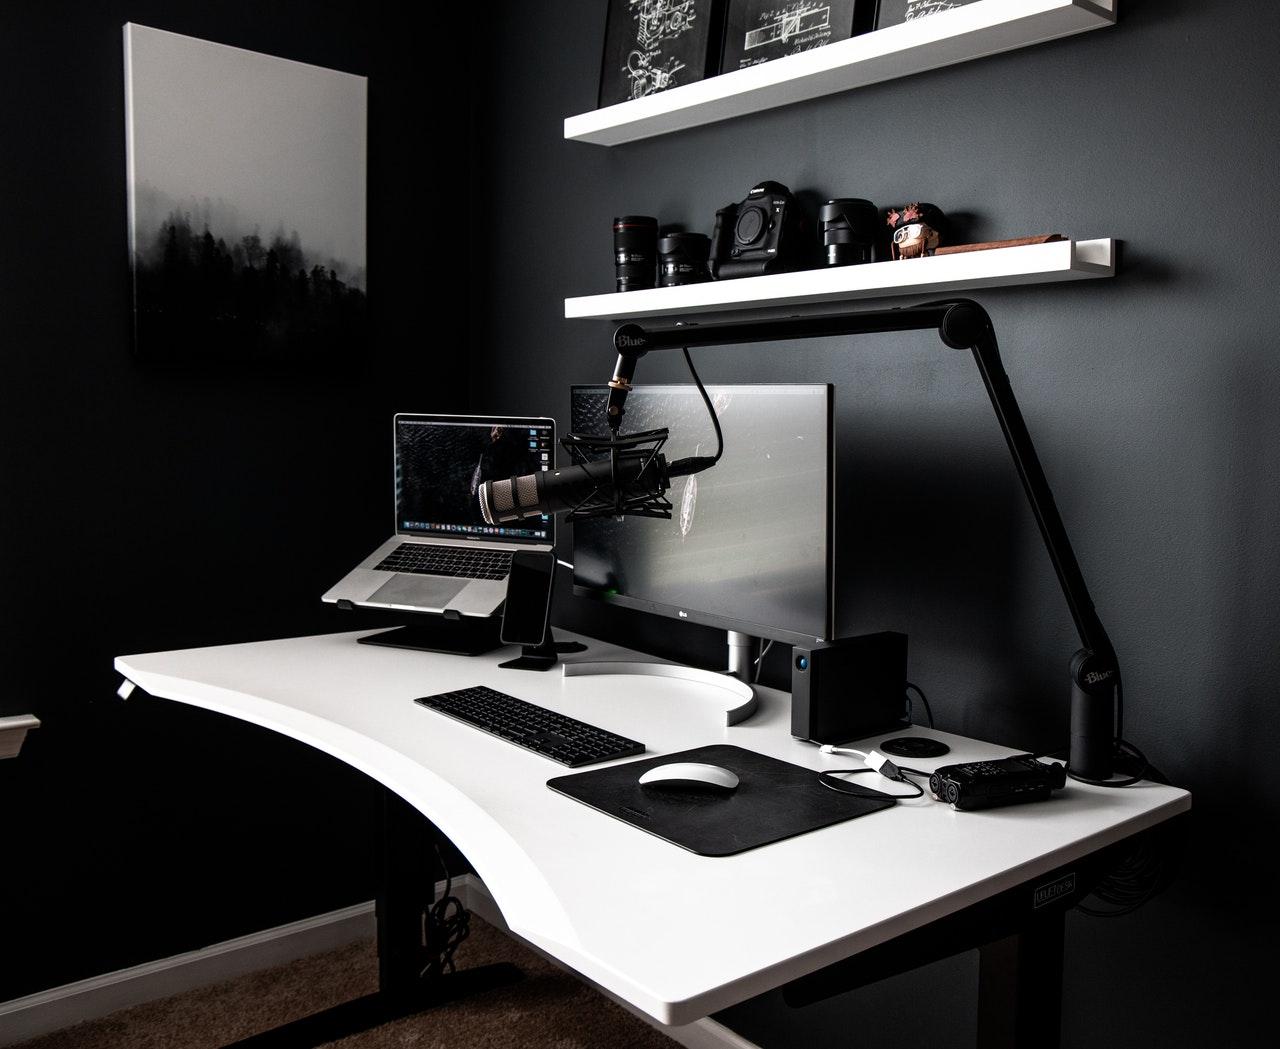 Imagem mostra uma mesa com um PC e um microfone montado em um pedestal.